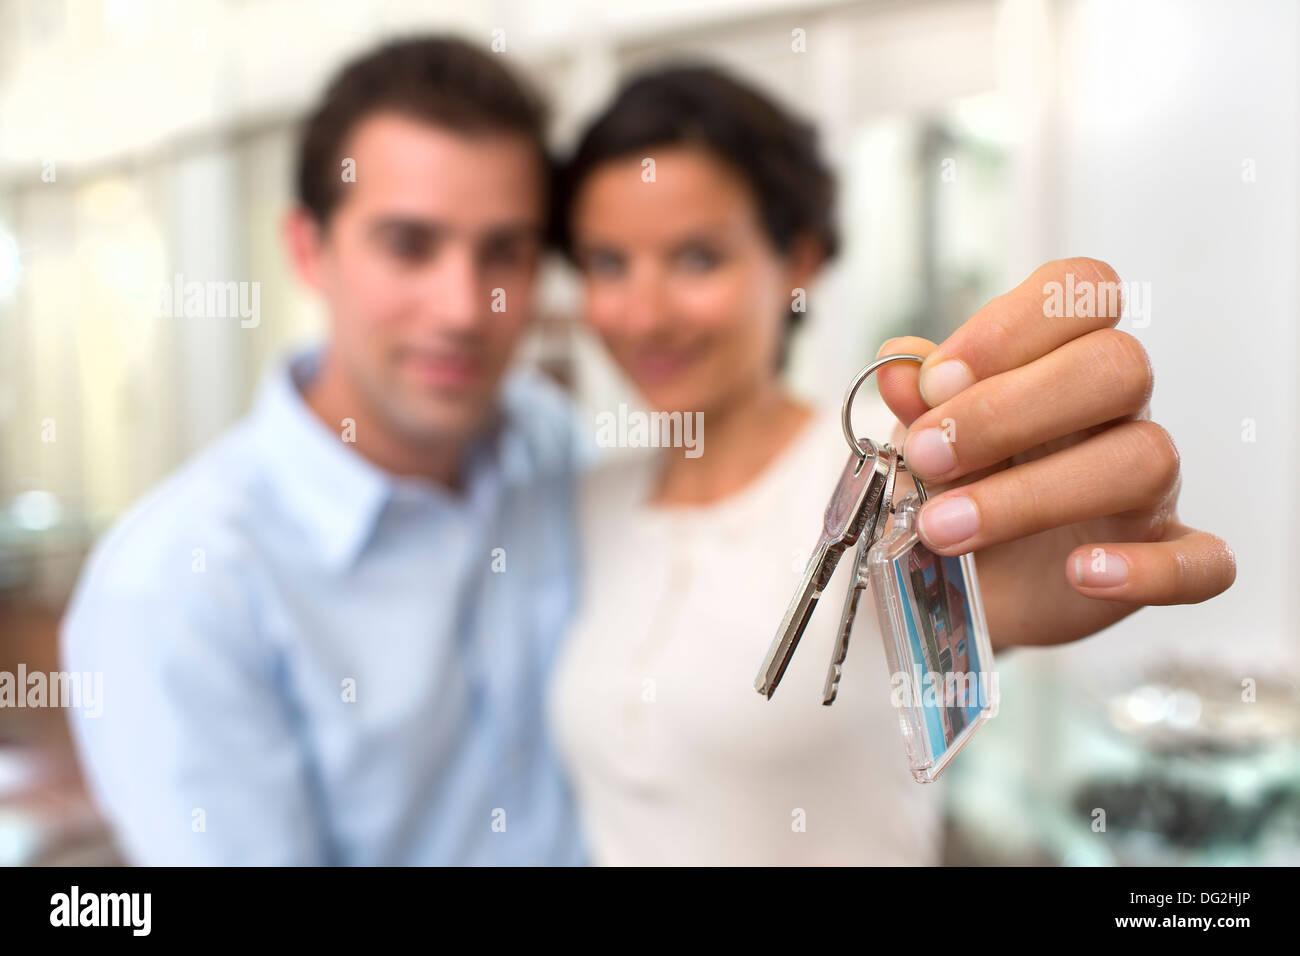 Frau Mann Schlüssel Innenraum Hand finger Stockbild